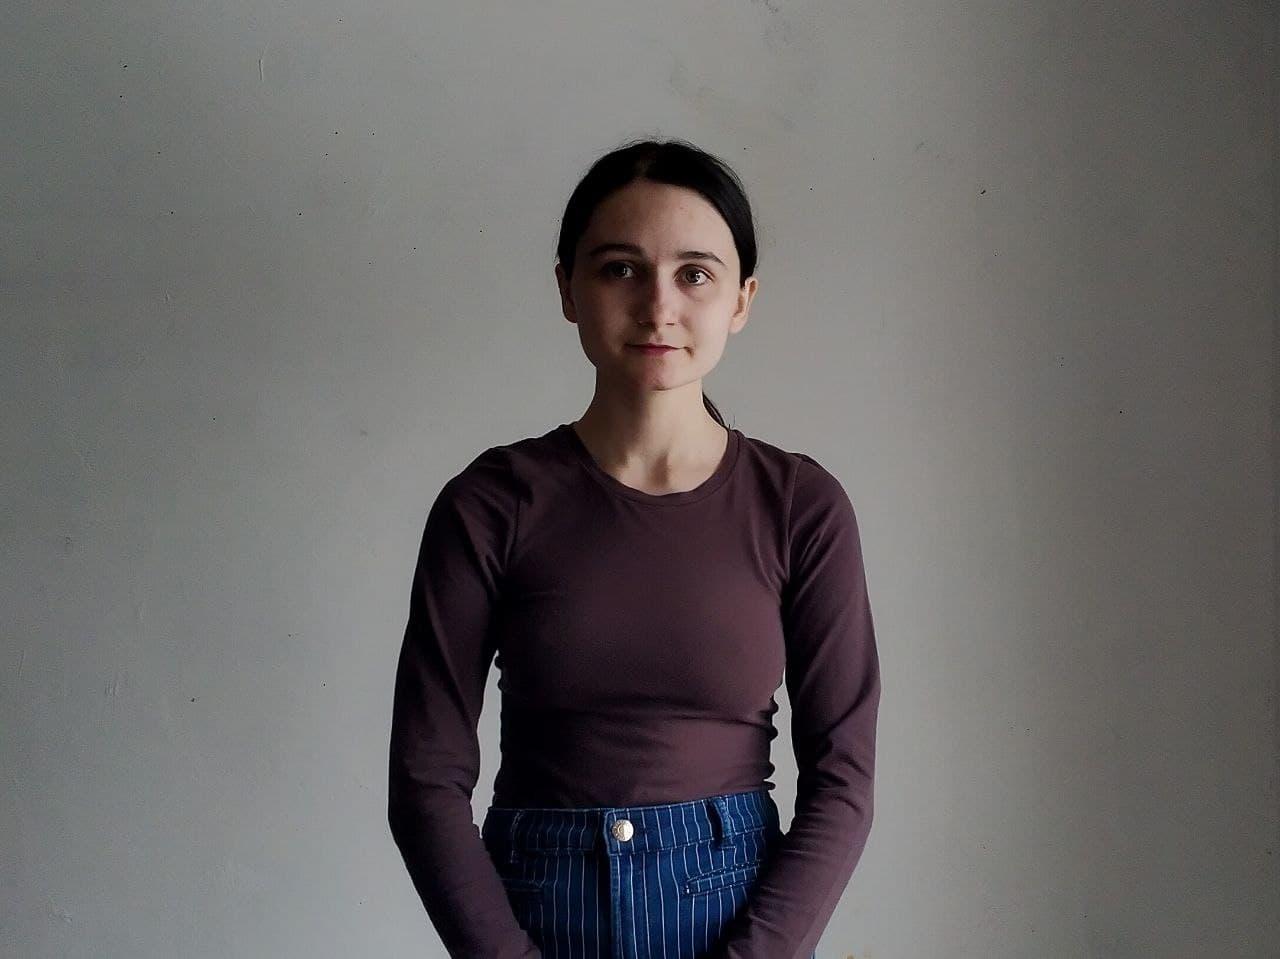 Nadezhda Striga